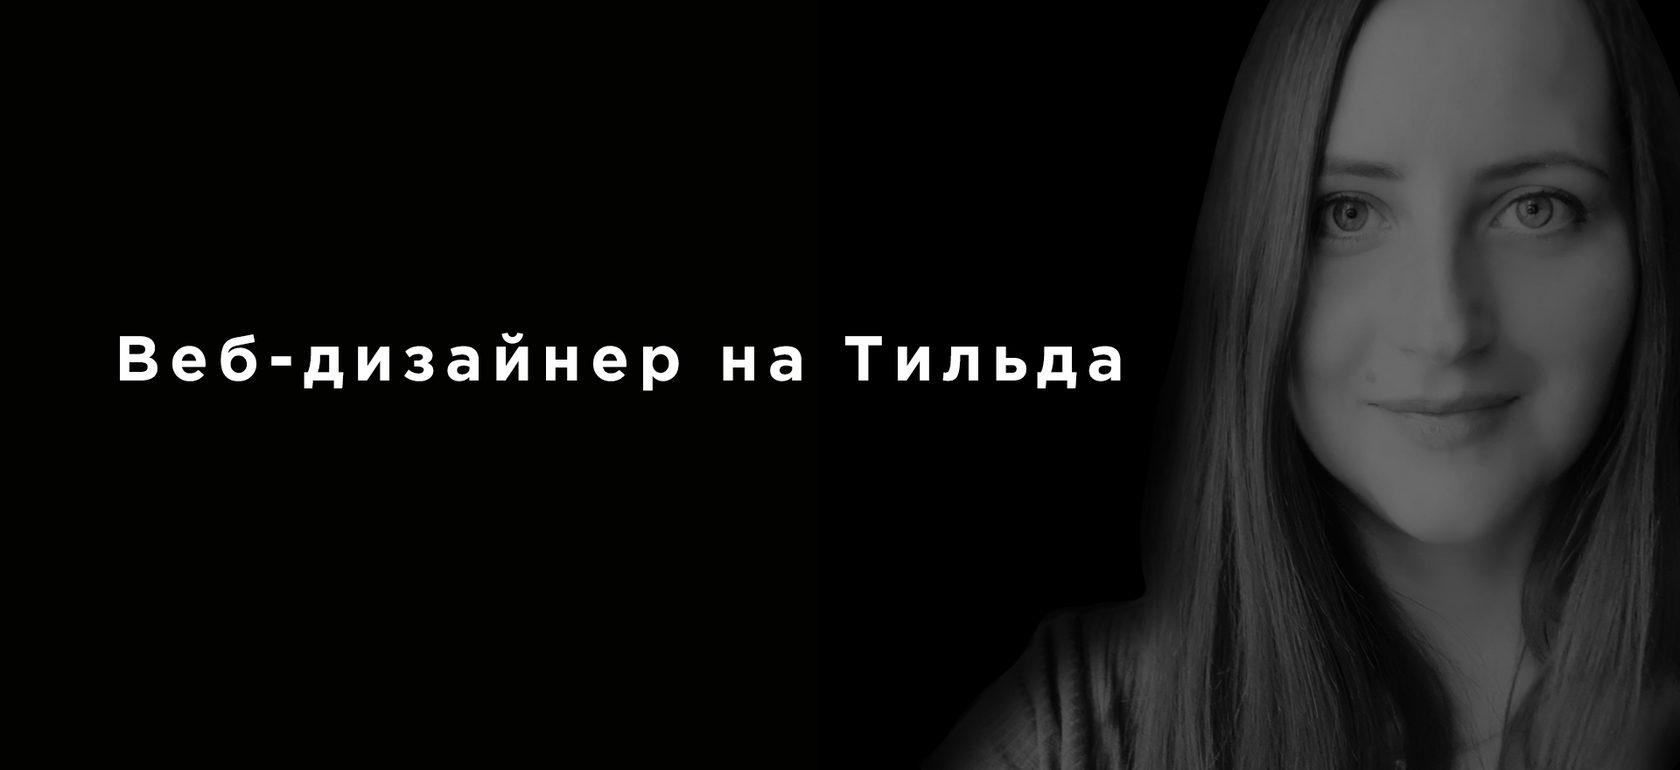 (c) Htmlgirl.ru